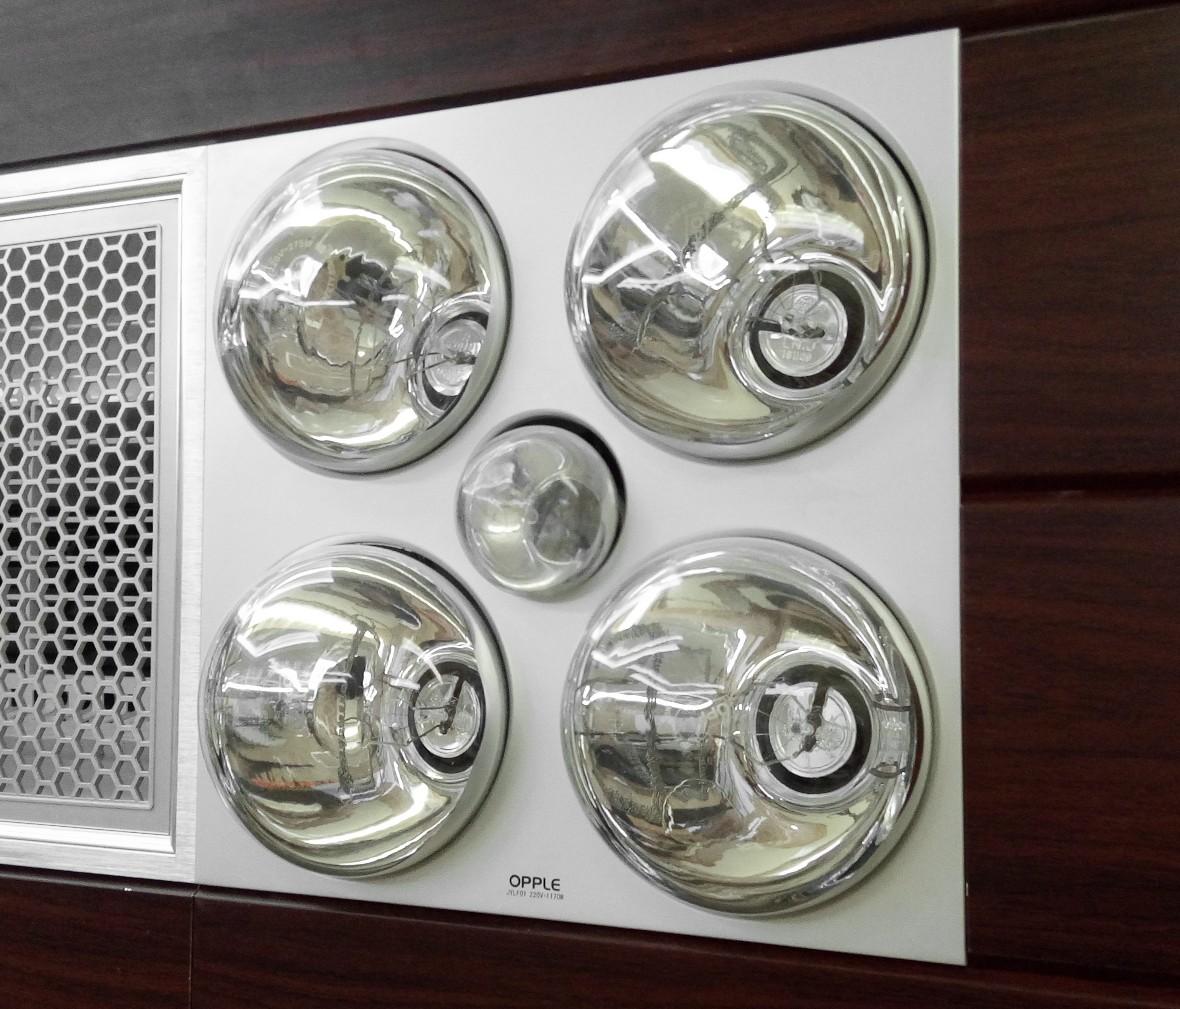 欧普吊顶 F01型号铝镁合金材质浴霸 灯暖 300*300mm 商品实拍